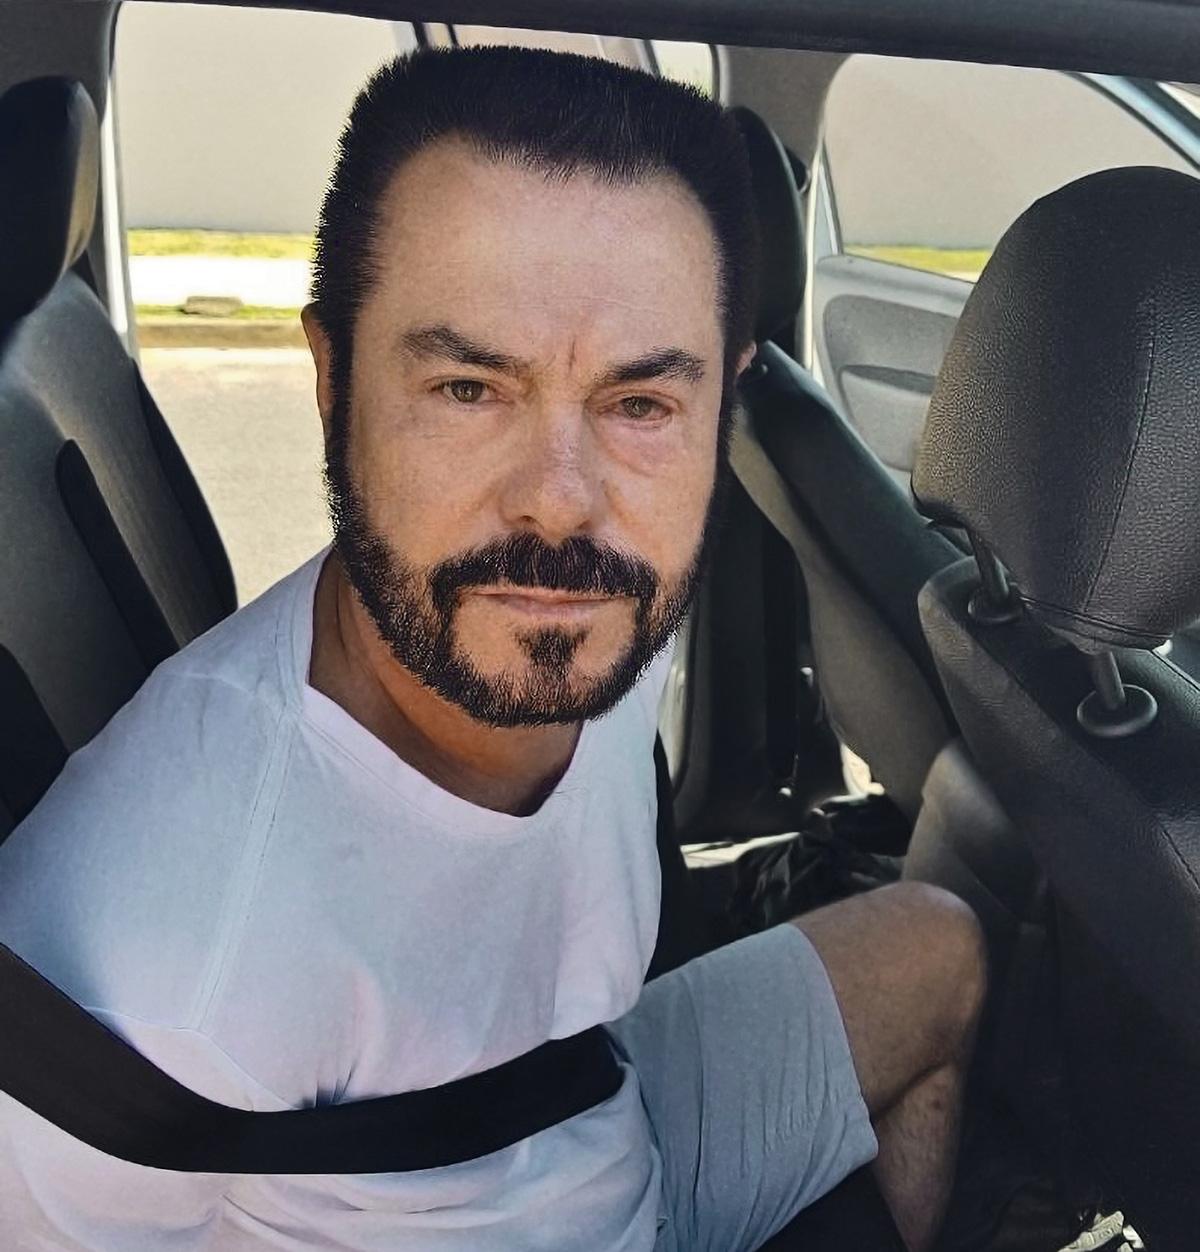 Cabeça Branca, em 2017: a PF suspeitava que ele alterara as feições do rosto em cirurgias e tingira os cabelos grisalhos, razão do seu apelido